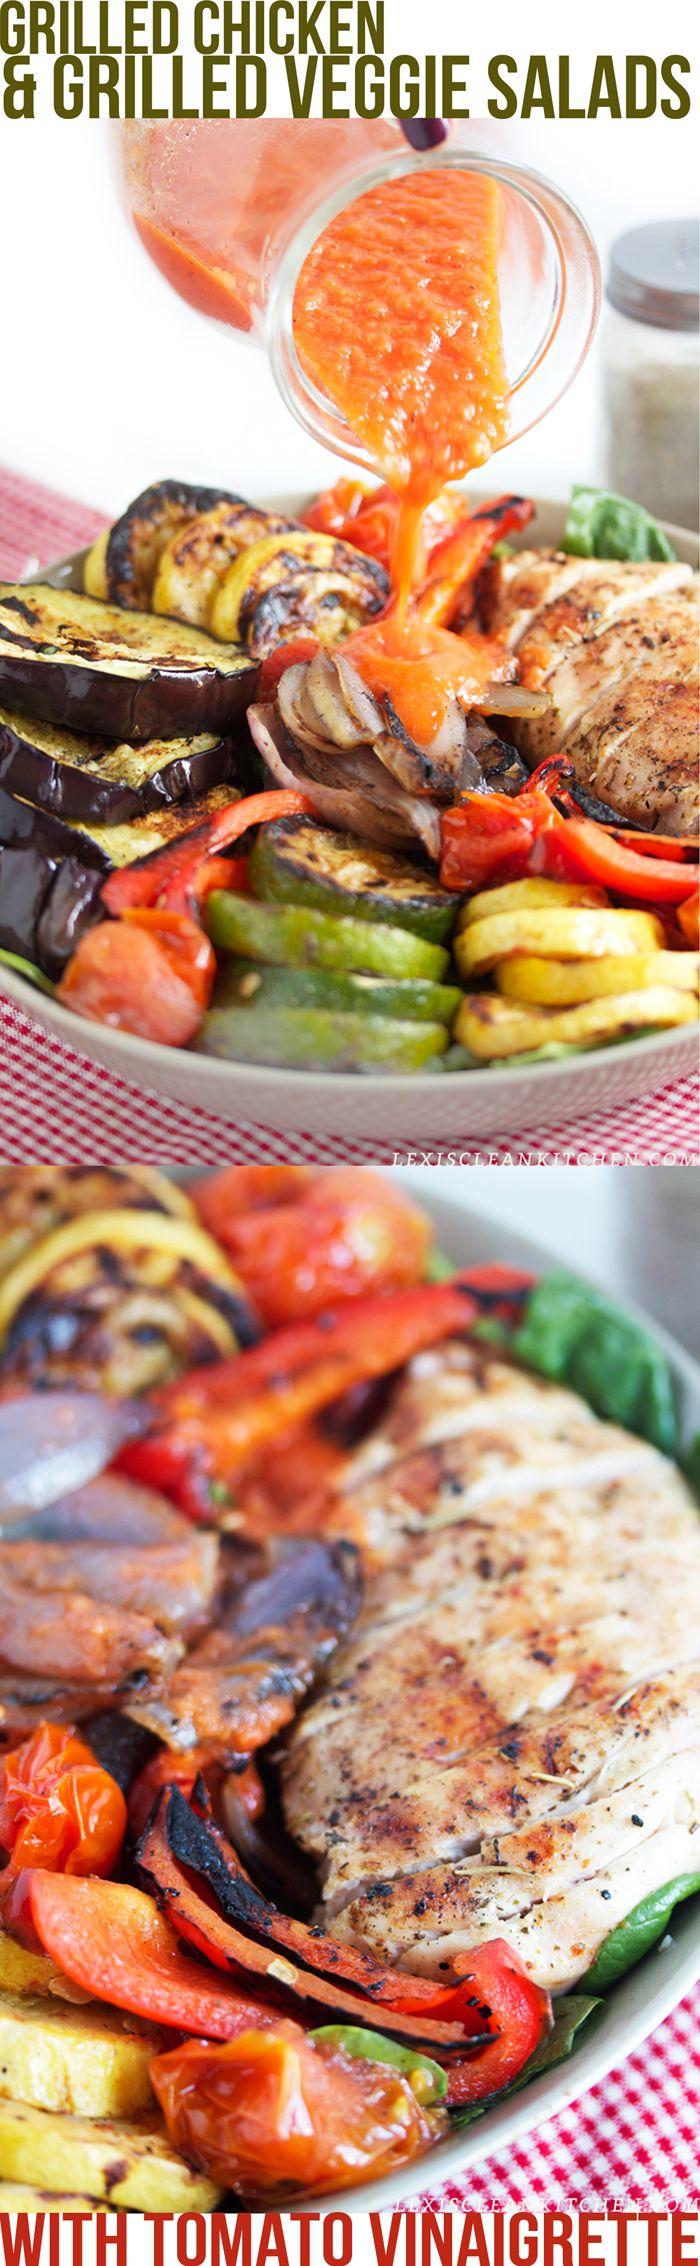 grilled chicken & veggie salad